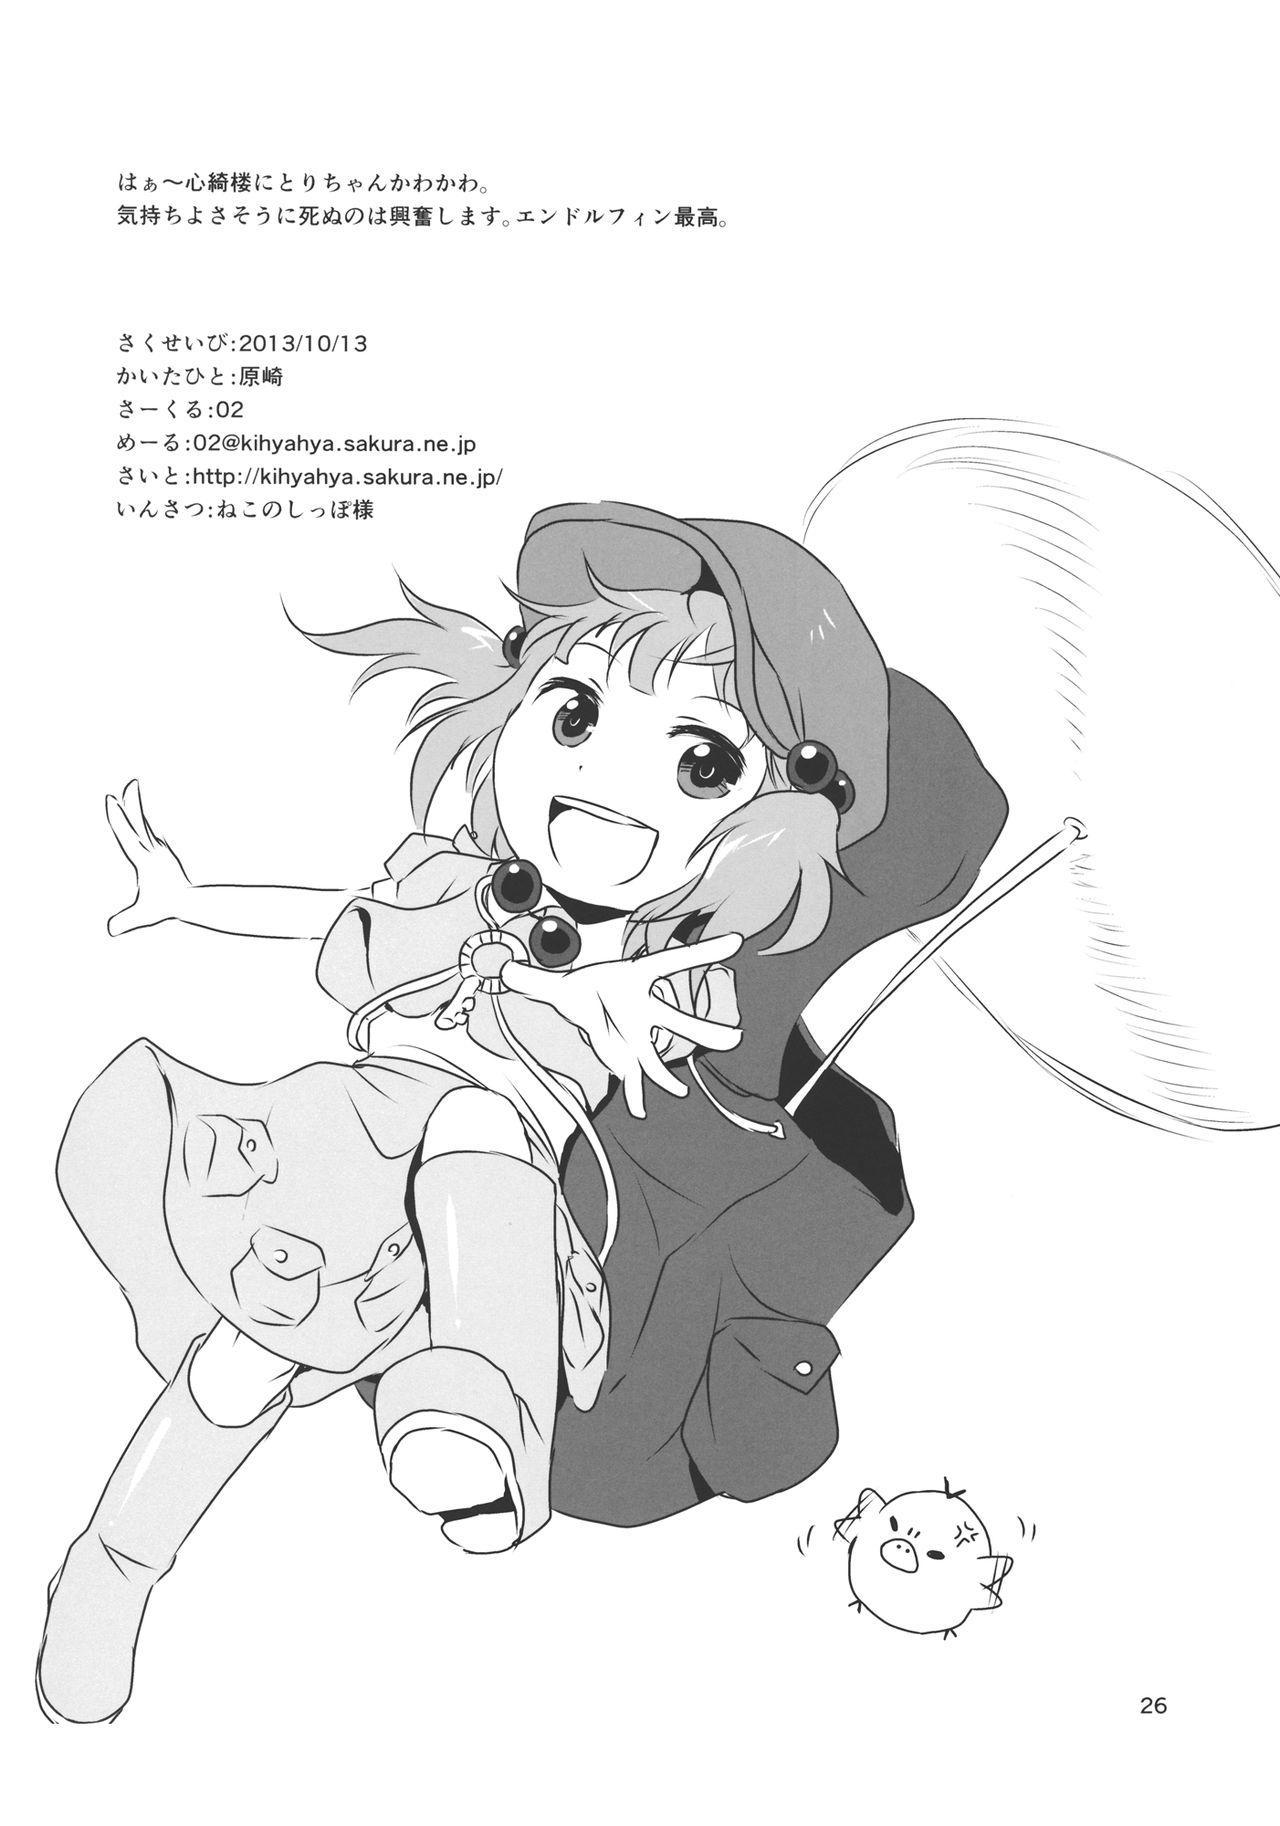 (Kouroumu 9) [02 (Harasaki)] (Kojin Satsuei)(Touhou)(Kouroumu 9)[02] Touhou snuff vol.3 Kawashiro Nitori (Mushuusei) (Loli-kei Youjo no Kirei na Hadaka wo Suki Houdai shichai mashita!).avi (Touhou Project) [Chinese] [布洛基个人汉化] 26